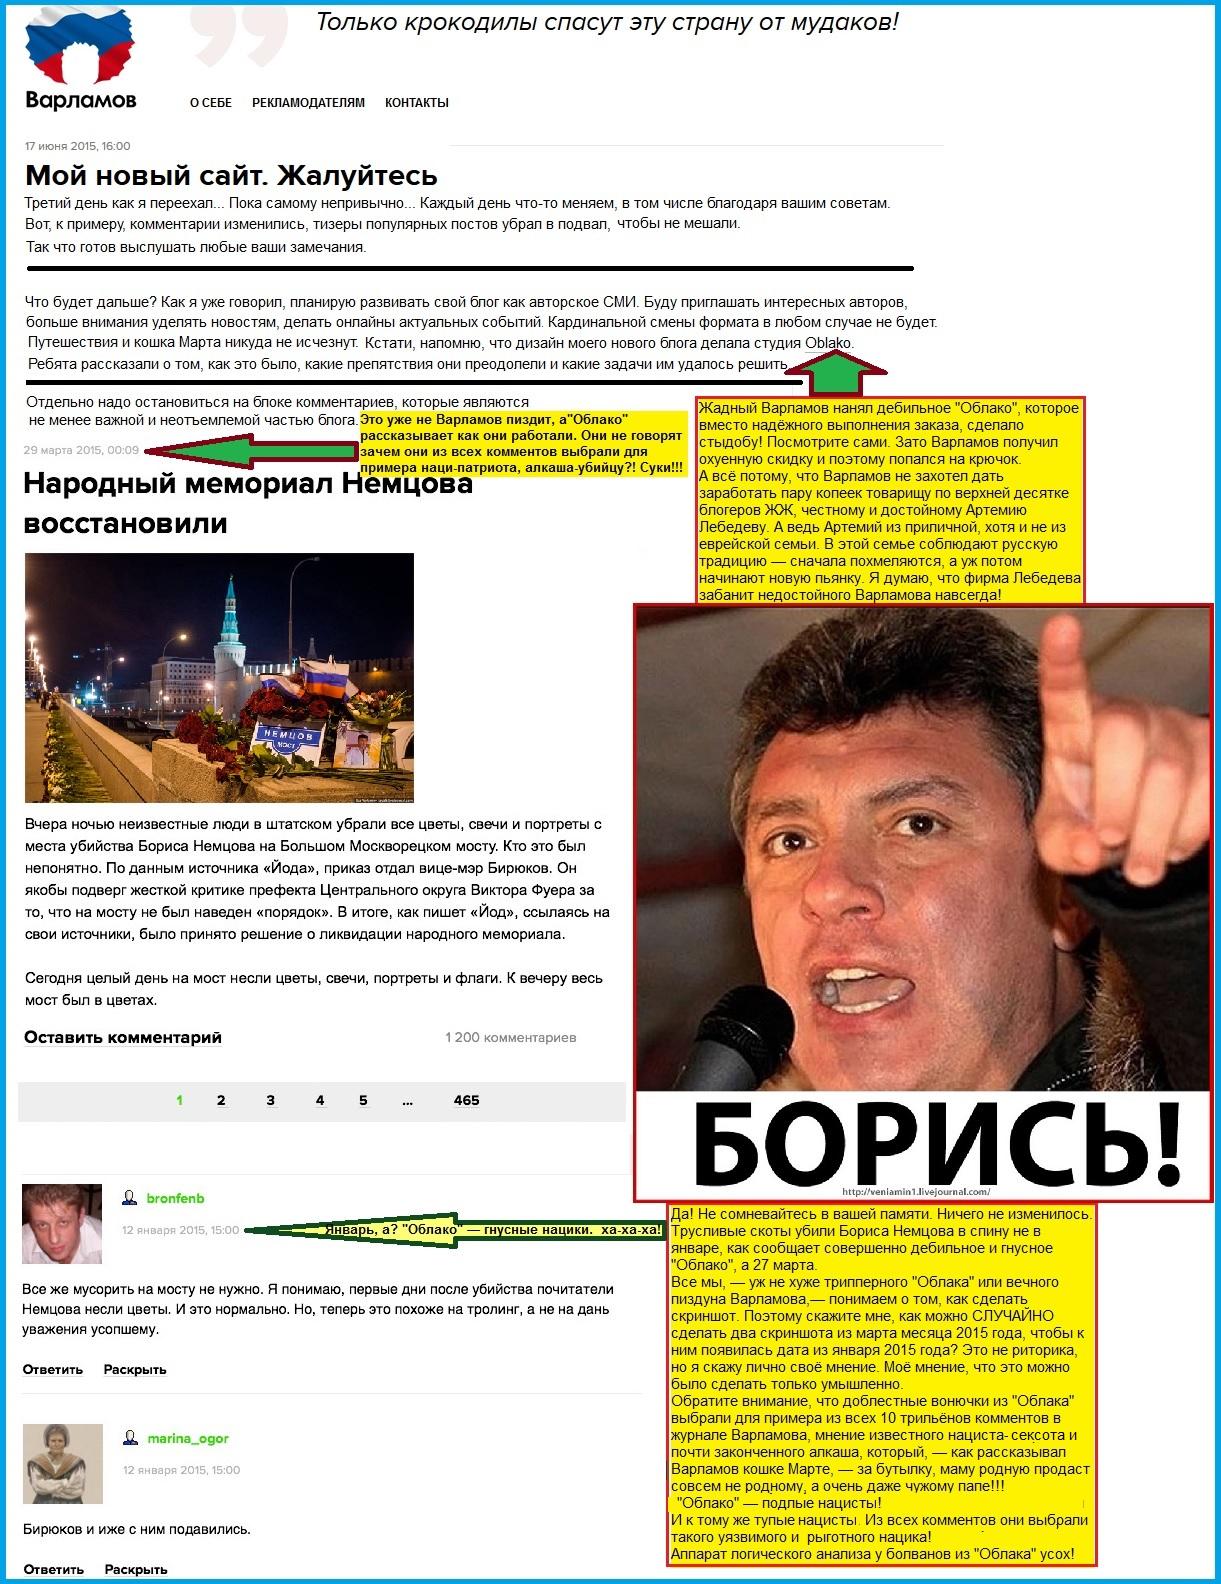 Немцов, Убийство, Варламов, Наци, Облако